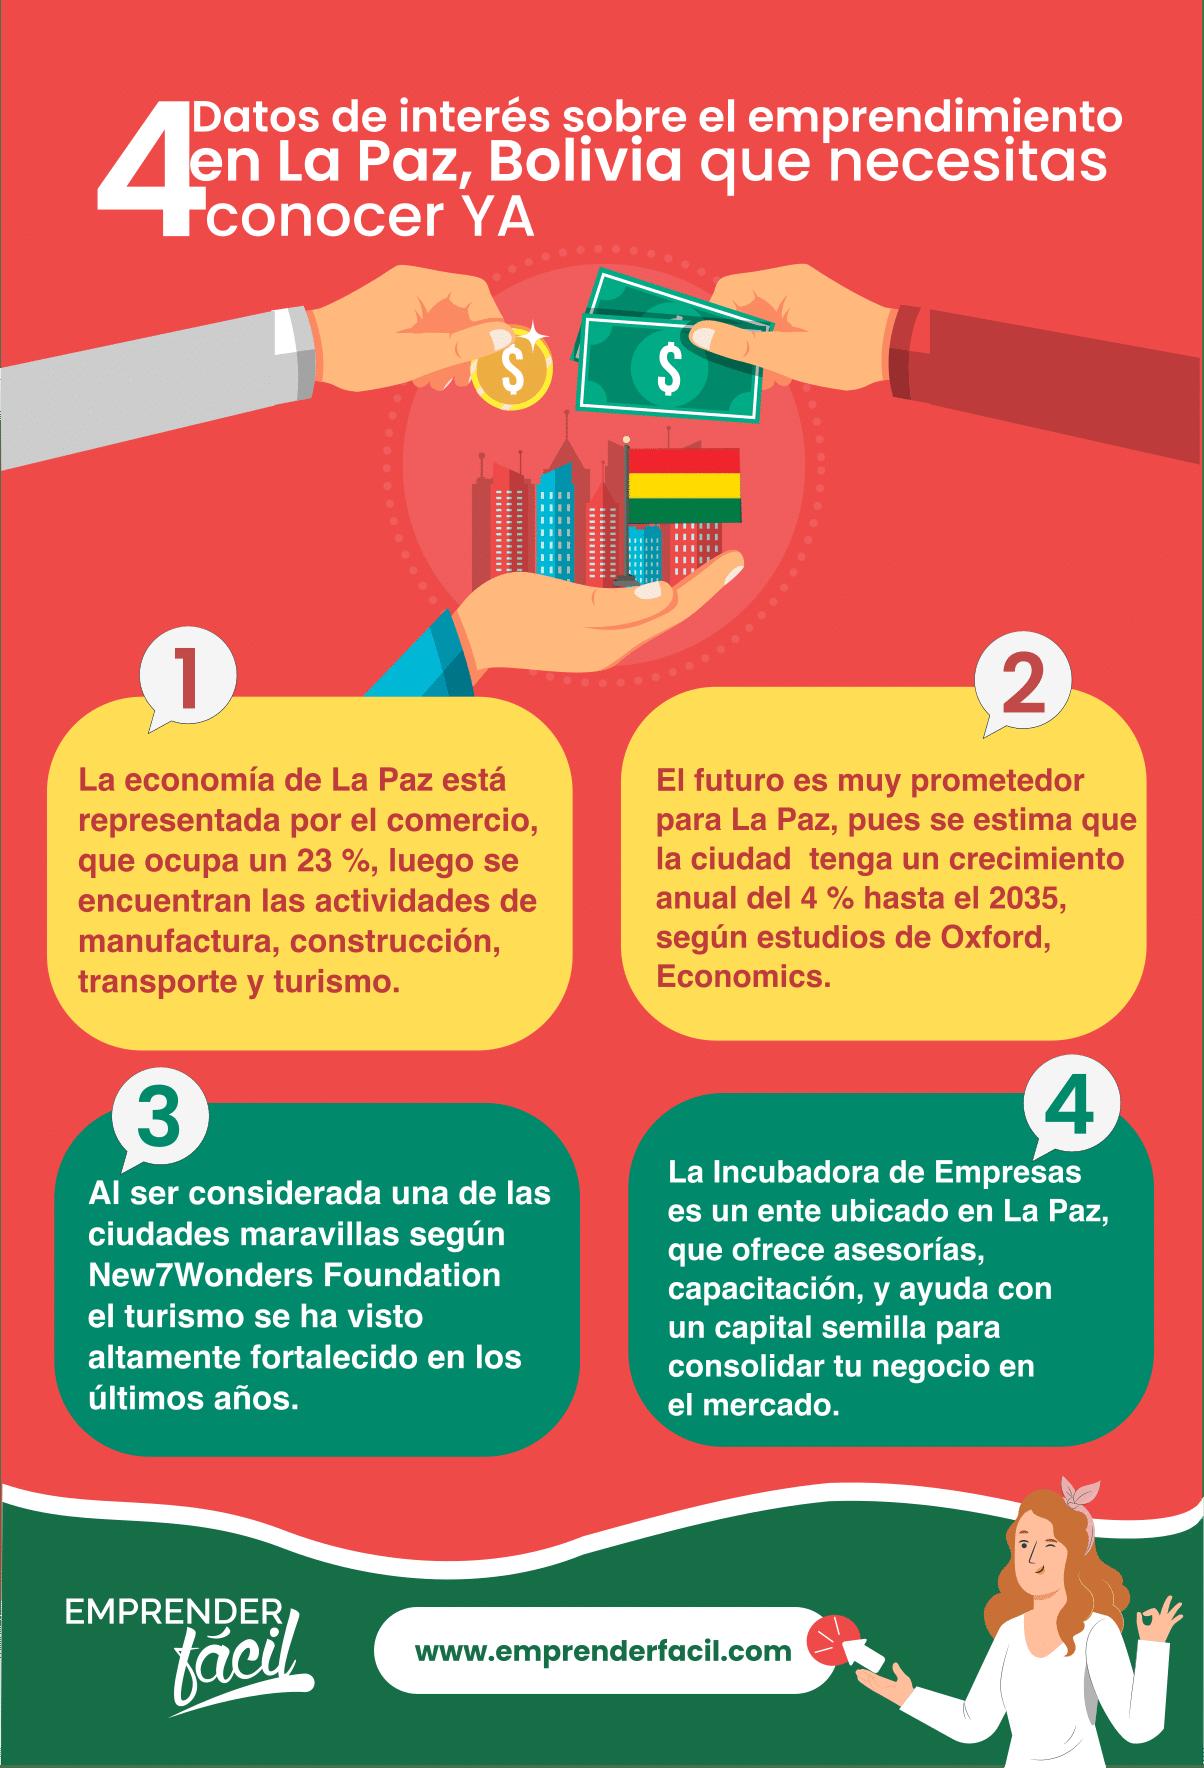 Bolivia ofrece grandes oportunidades para emprendedores de todo el mundo